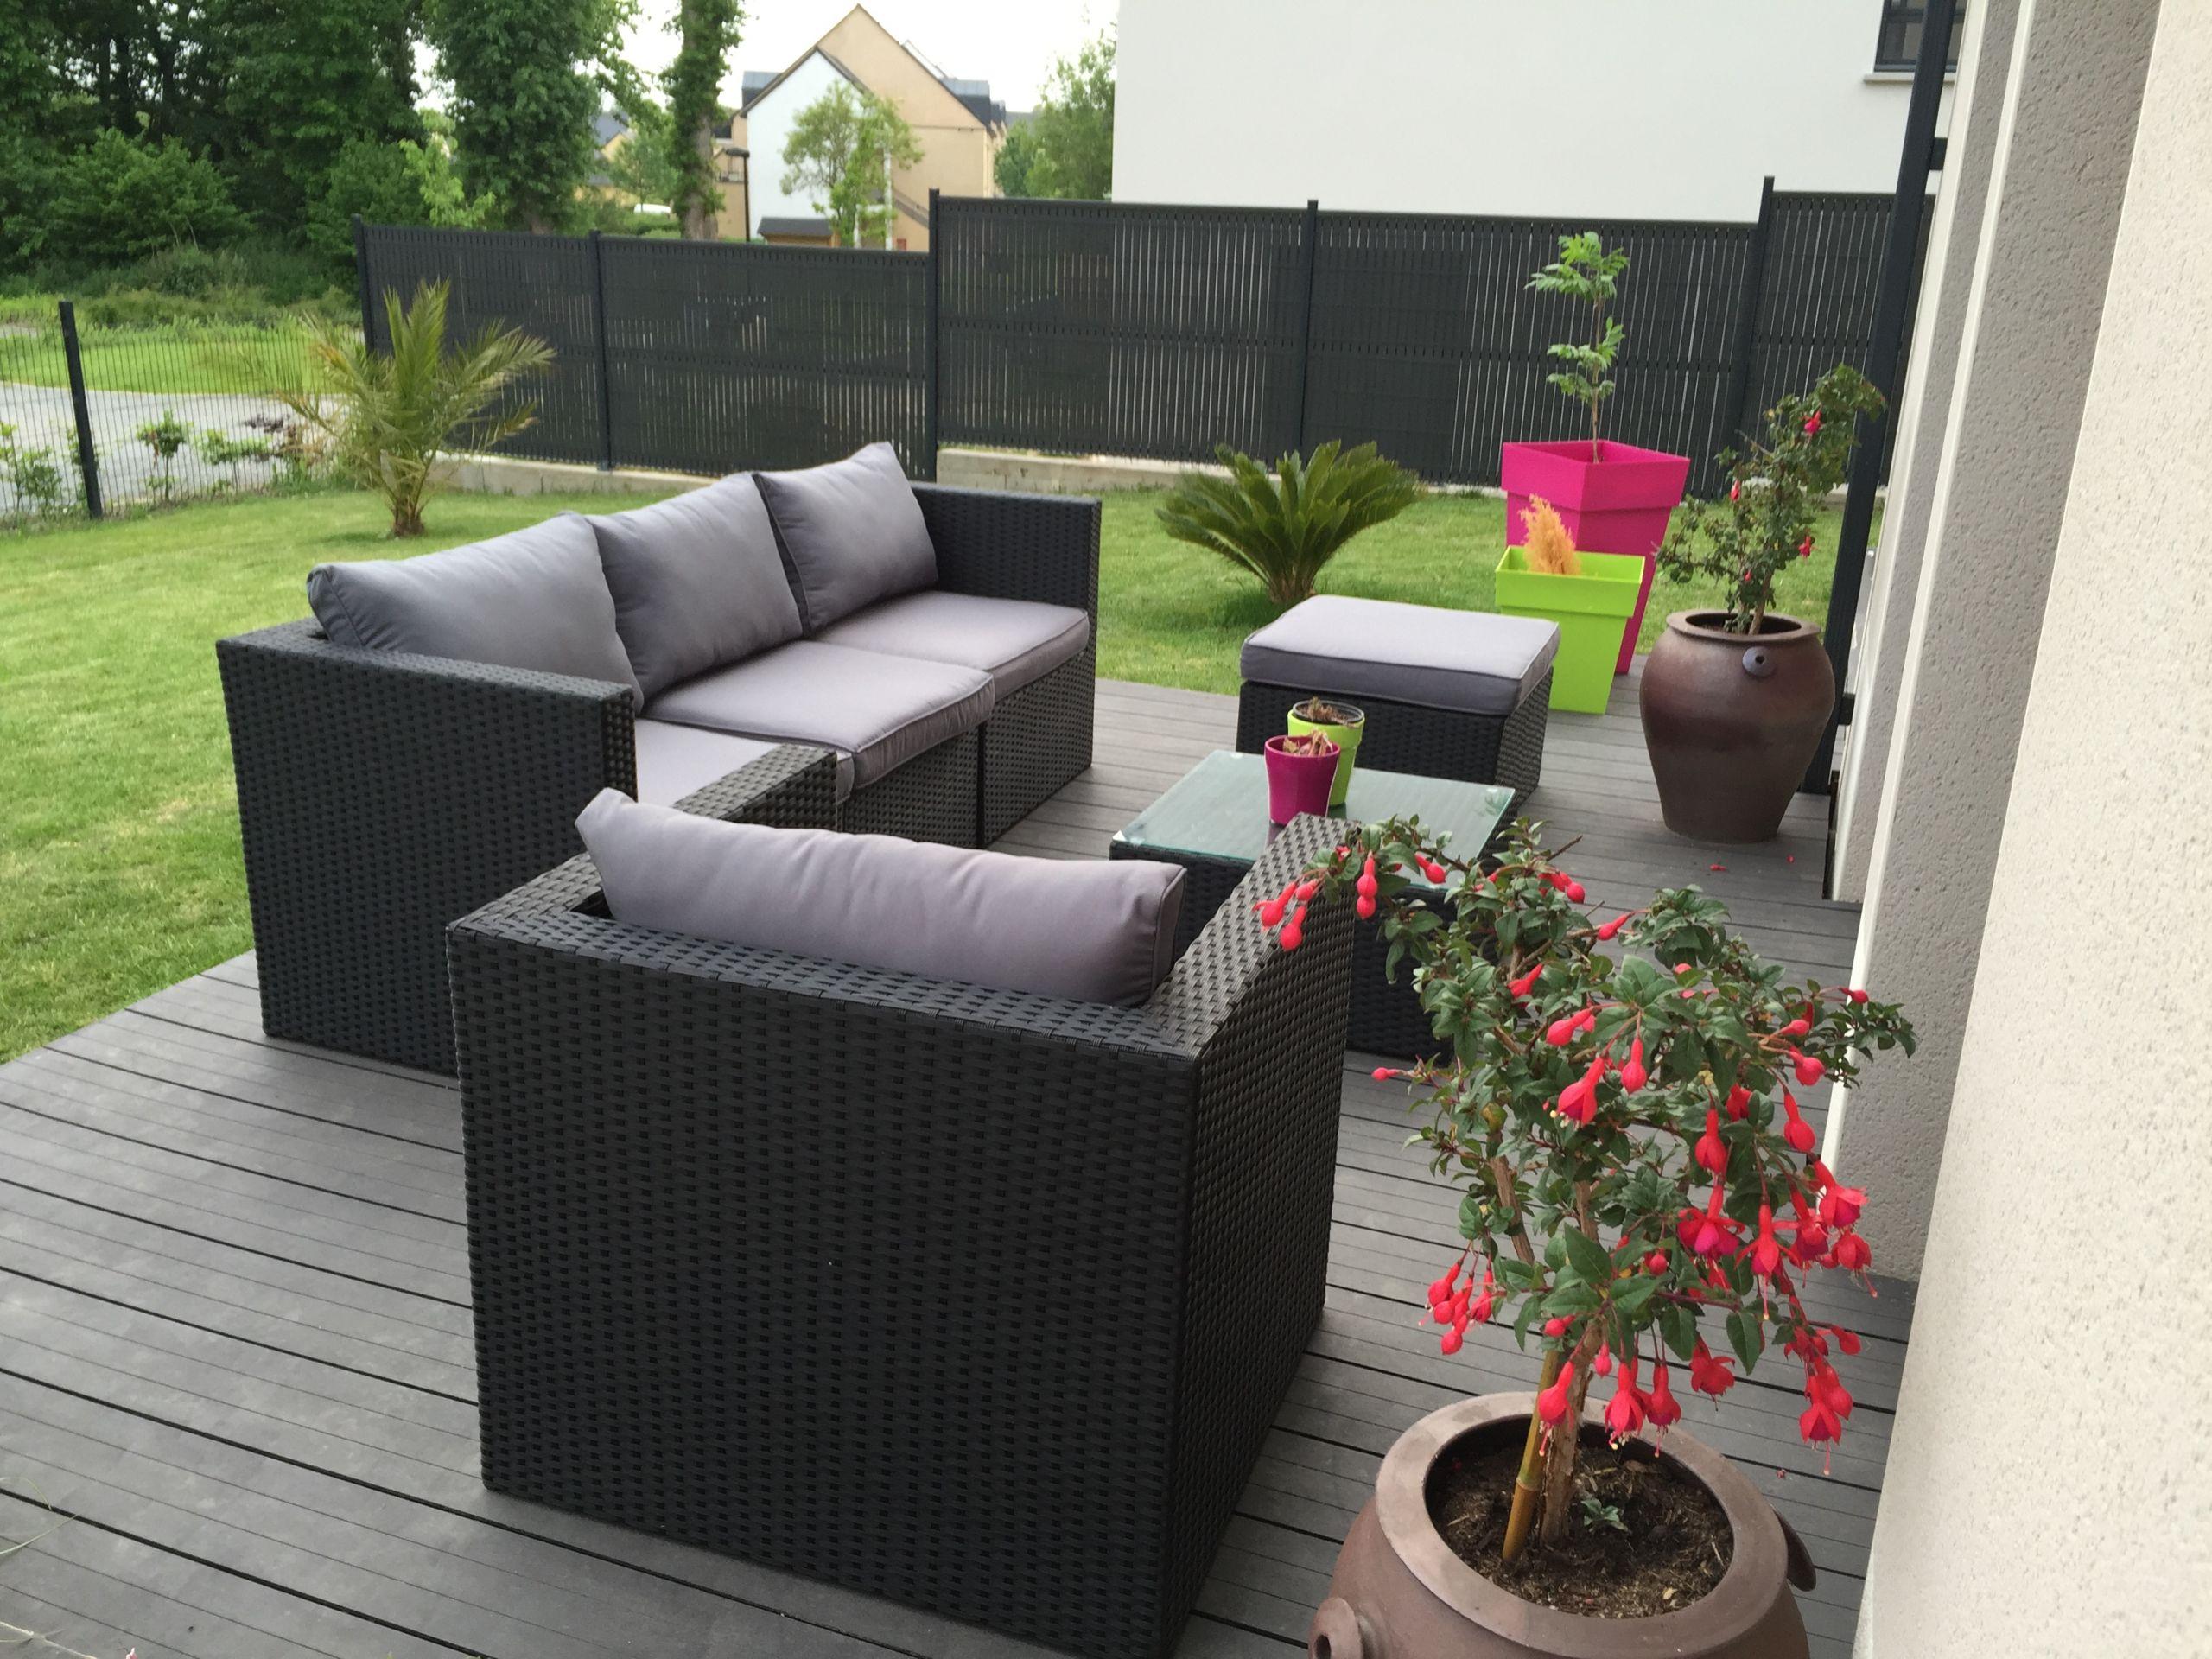 Salon De Jardin Resine Blanc Beau Dalle Terrasse Ikea ... dedans Salon De Jardin Ikea